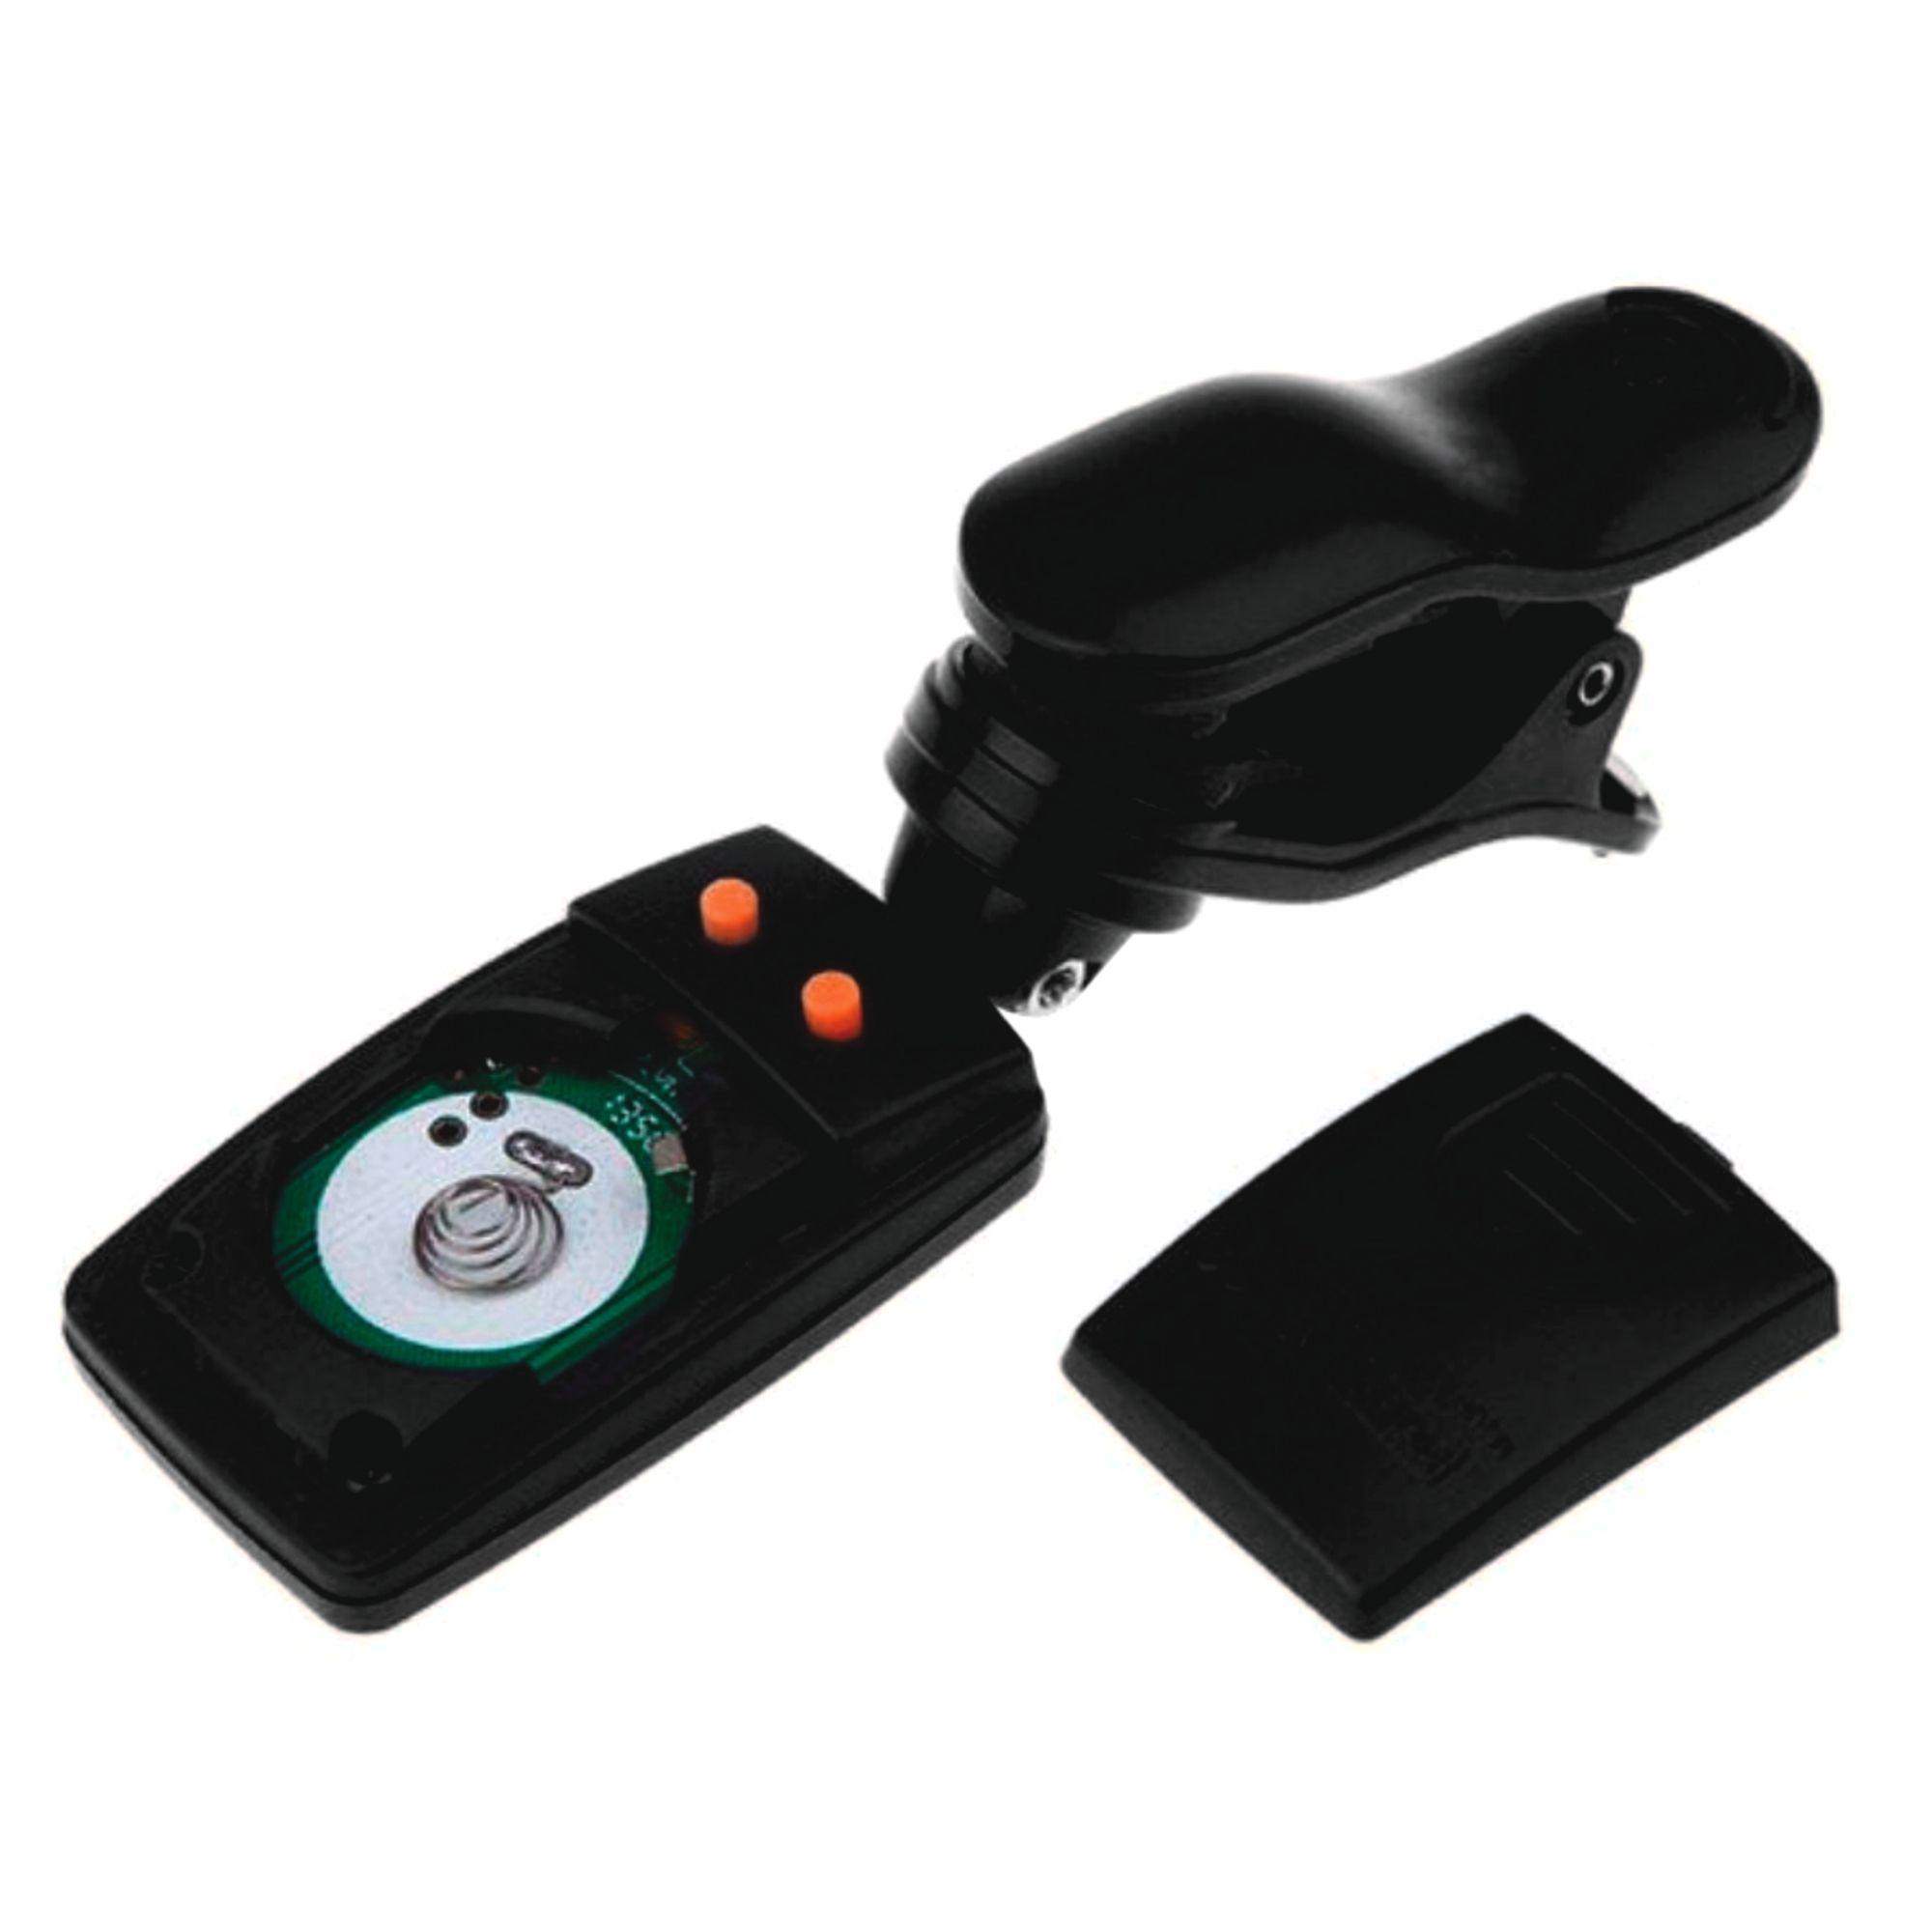 Afinador Digital  SM-03 Smart para Violão, Ukulele e outros